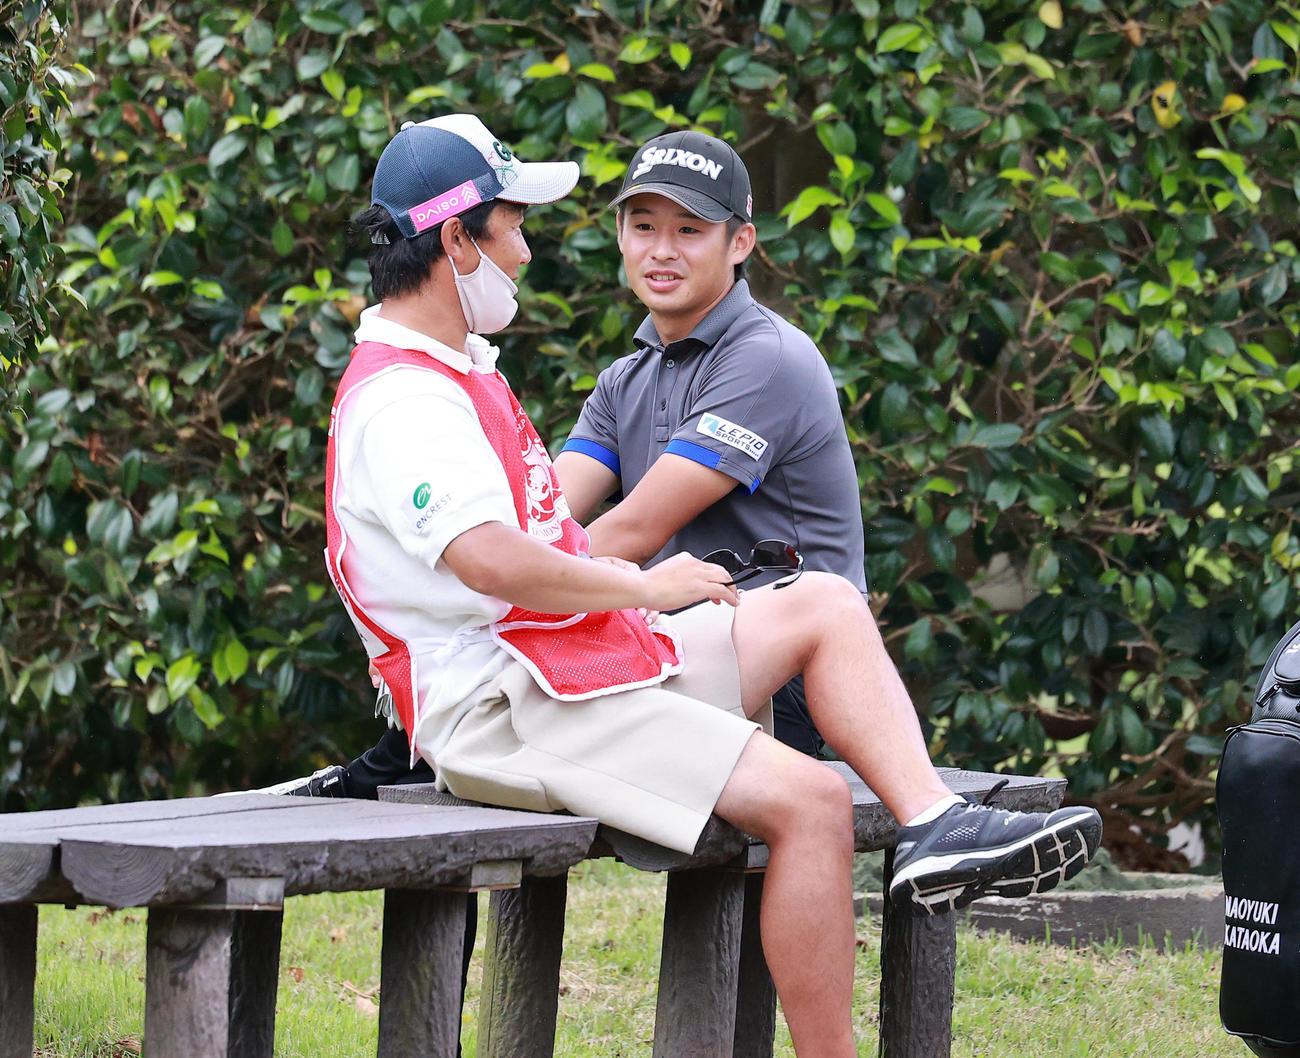 13番、ティーを待つ間、ベンチでリラックスした表情でキャディーと談笑する片岡(撮影・浅見桂子)